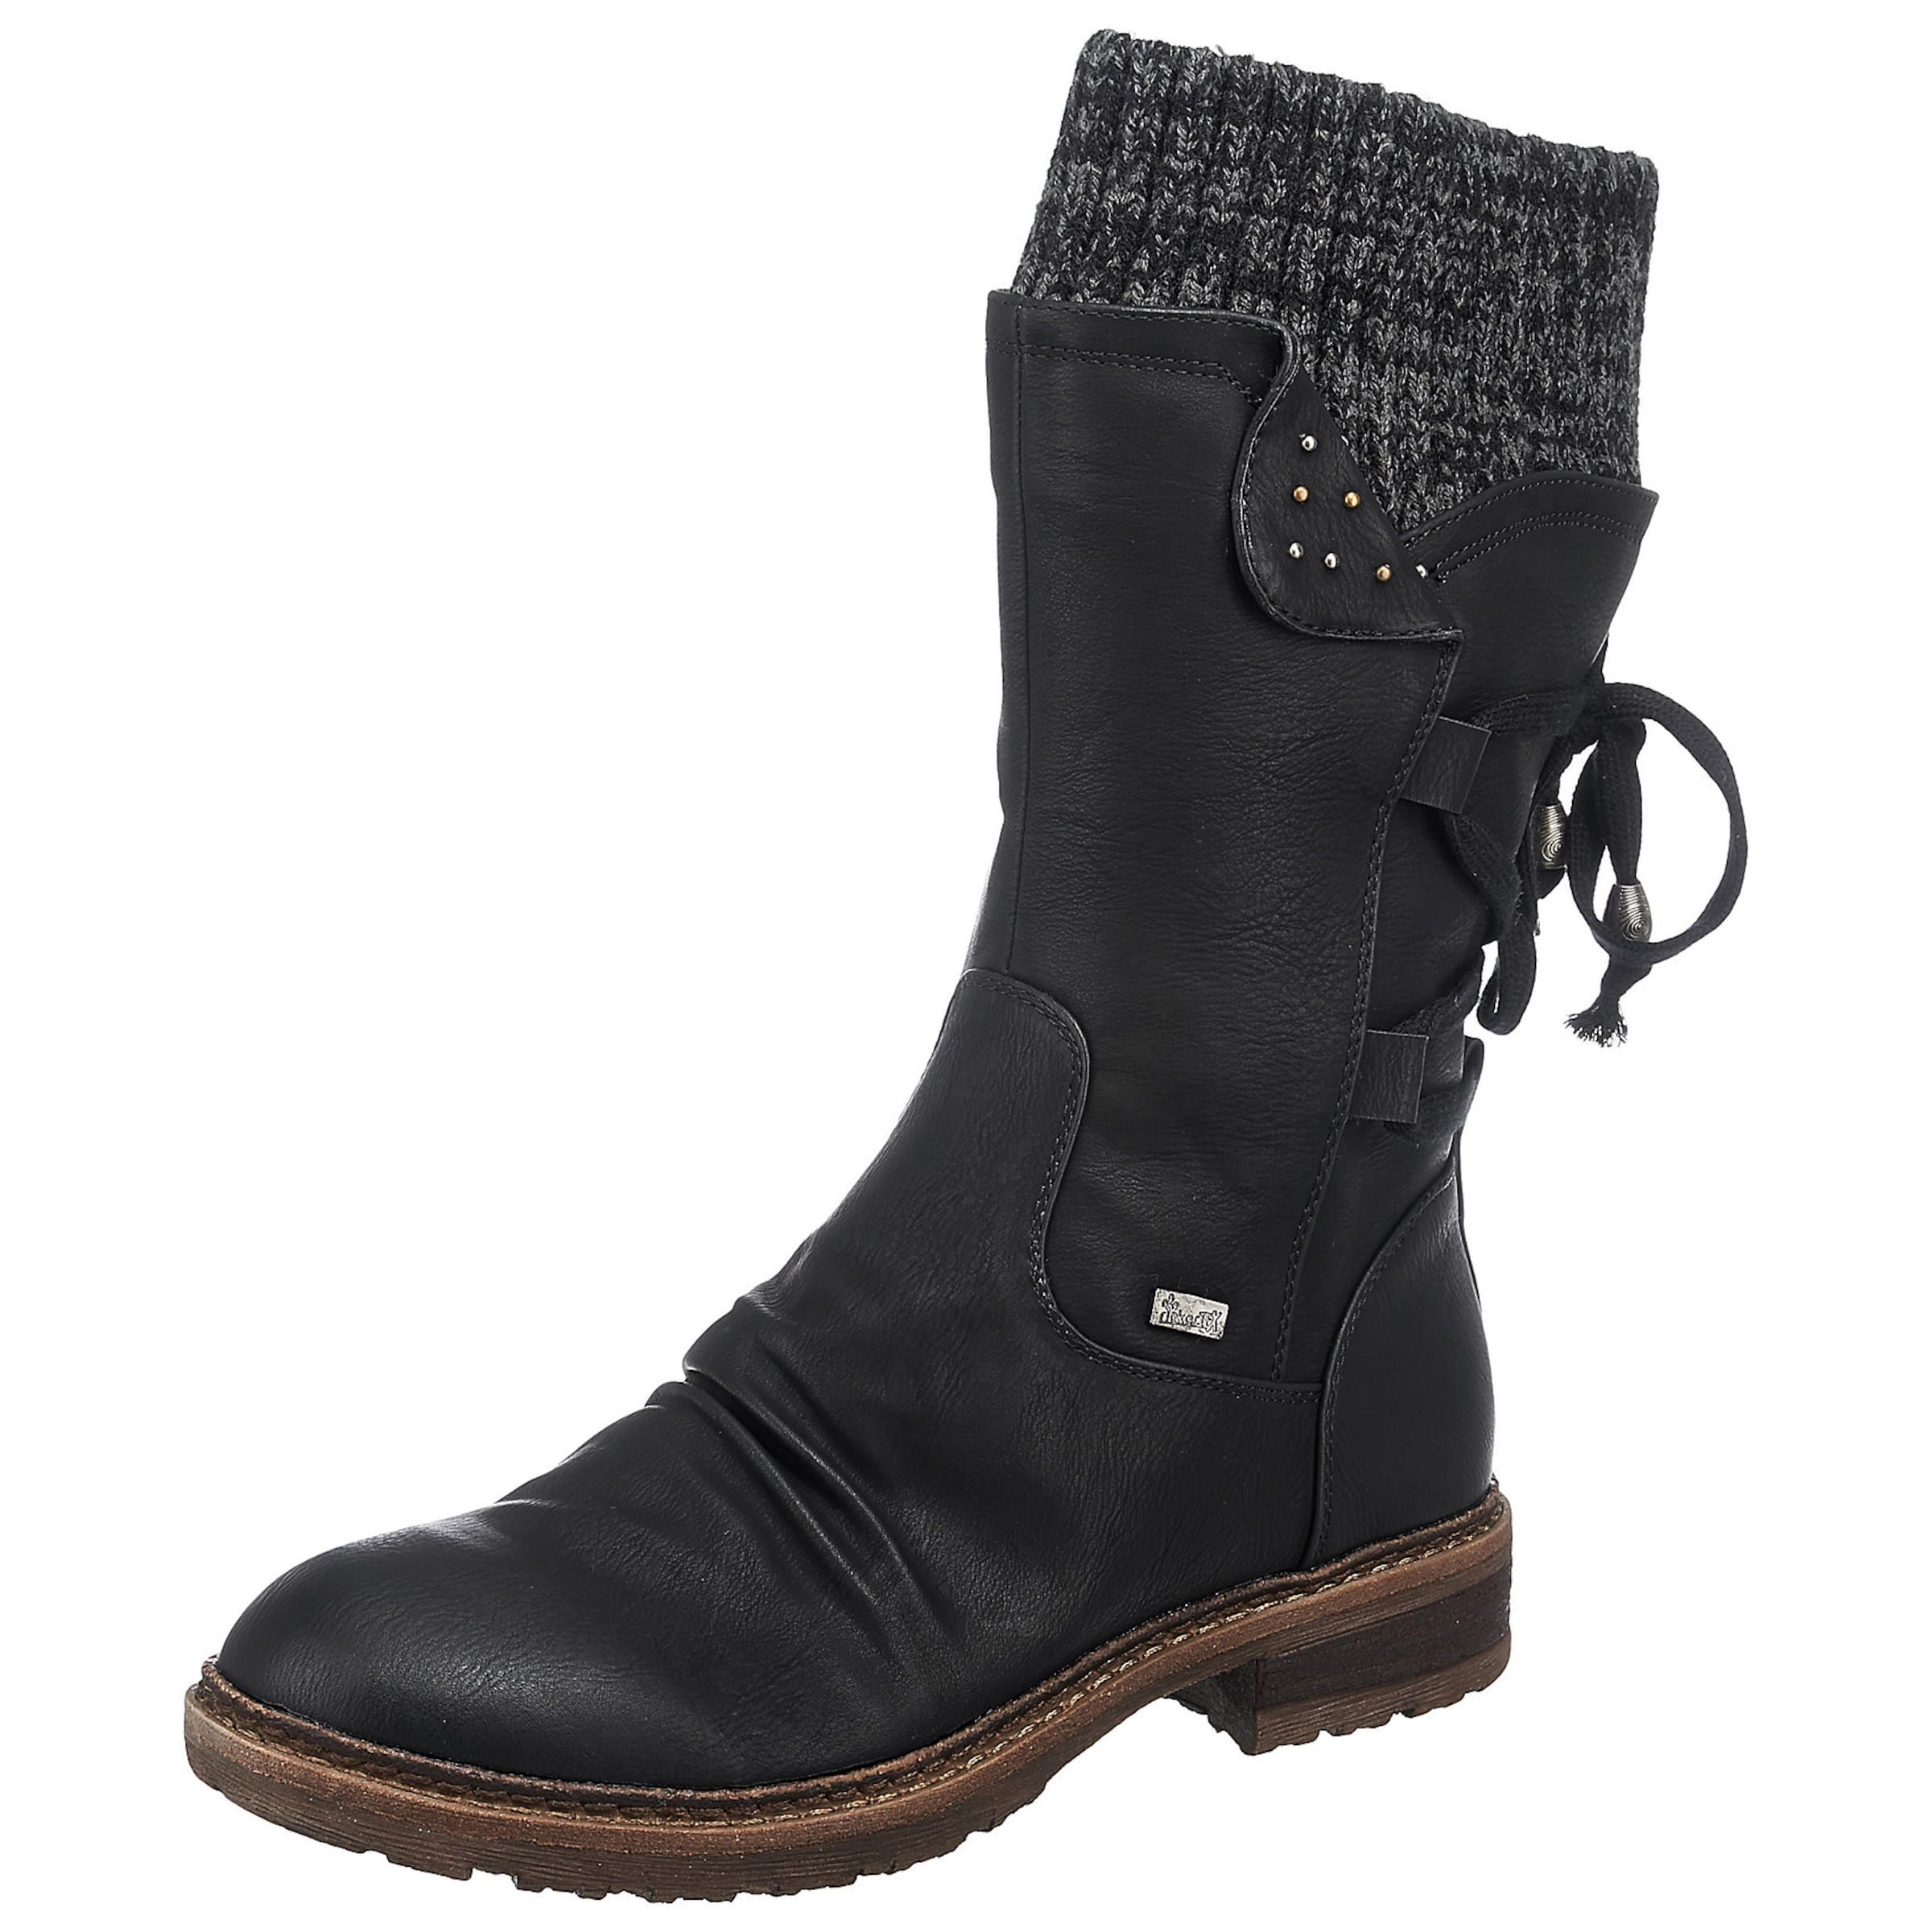 RIEKER Stiefel Günstige und langlebige Schuhe